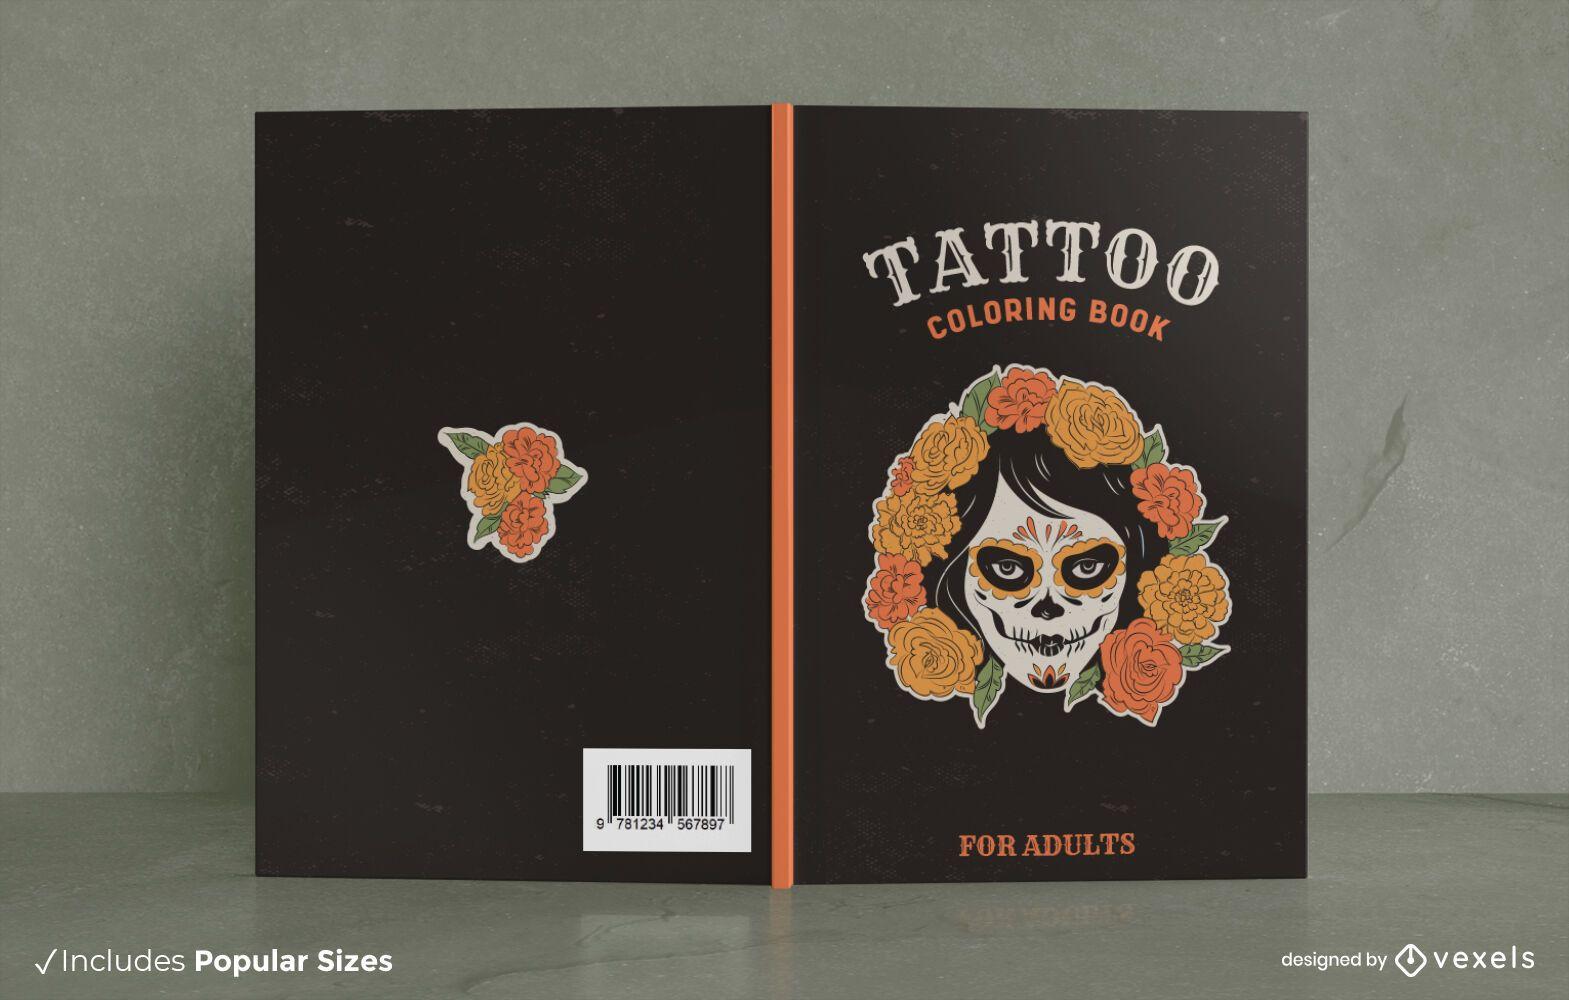 Dise?o de portada de libro para colorear tatuaje